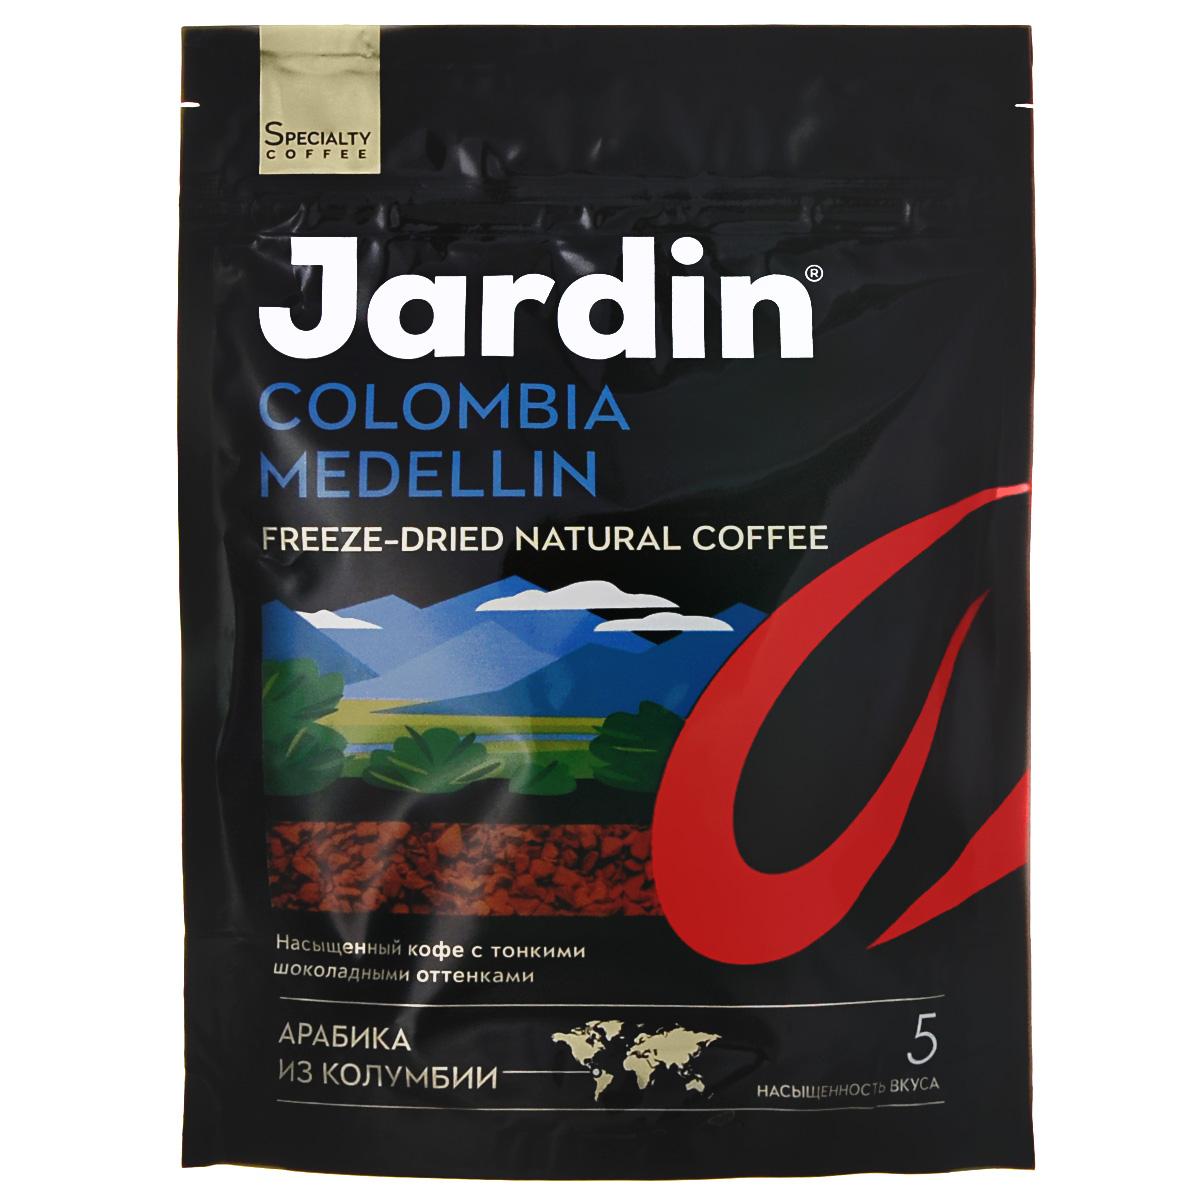 Jardin Colombia Medellin кофе растворимый, 75 г (м/у)1013-24Растворимый кофе Jardin Colombia Medellin обладает крепким, насыщенным, интенсивным ароматом. Вкус арабики из колумбийского региона Меделлин особо ценится за сочетание цветочных и шоколадных нот.А всего одна ложка сахара добавит вкусу новые карамельные ноты крем-брюле.